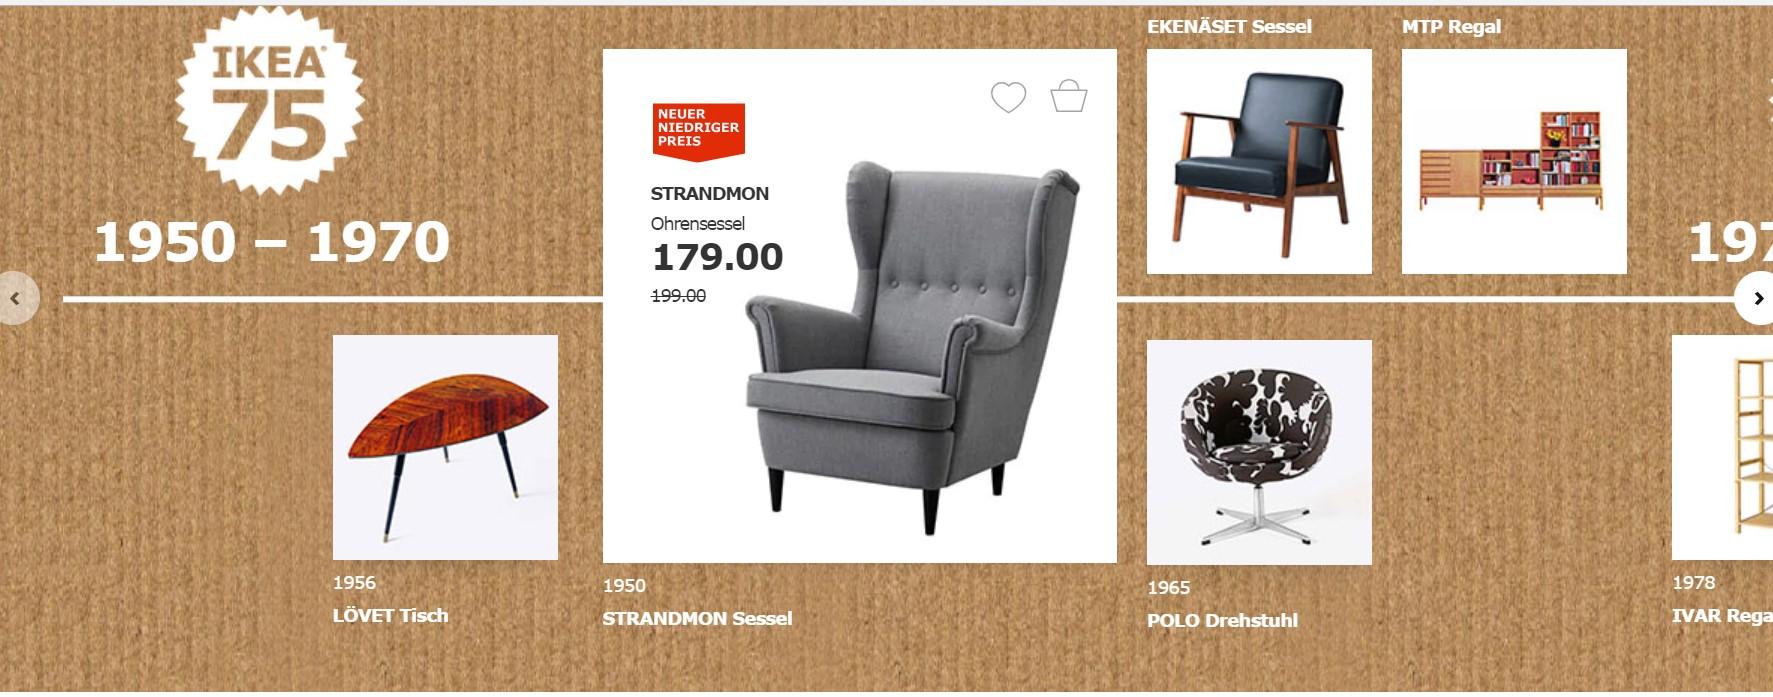 wie ikea aus dem schwedischen lmhult die reise in die welt antrat absatzwirtschaft. Black Bedroom Furniture Sets. Home Design Ideas